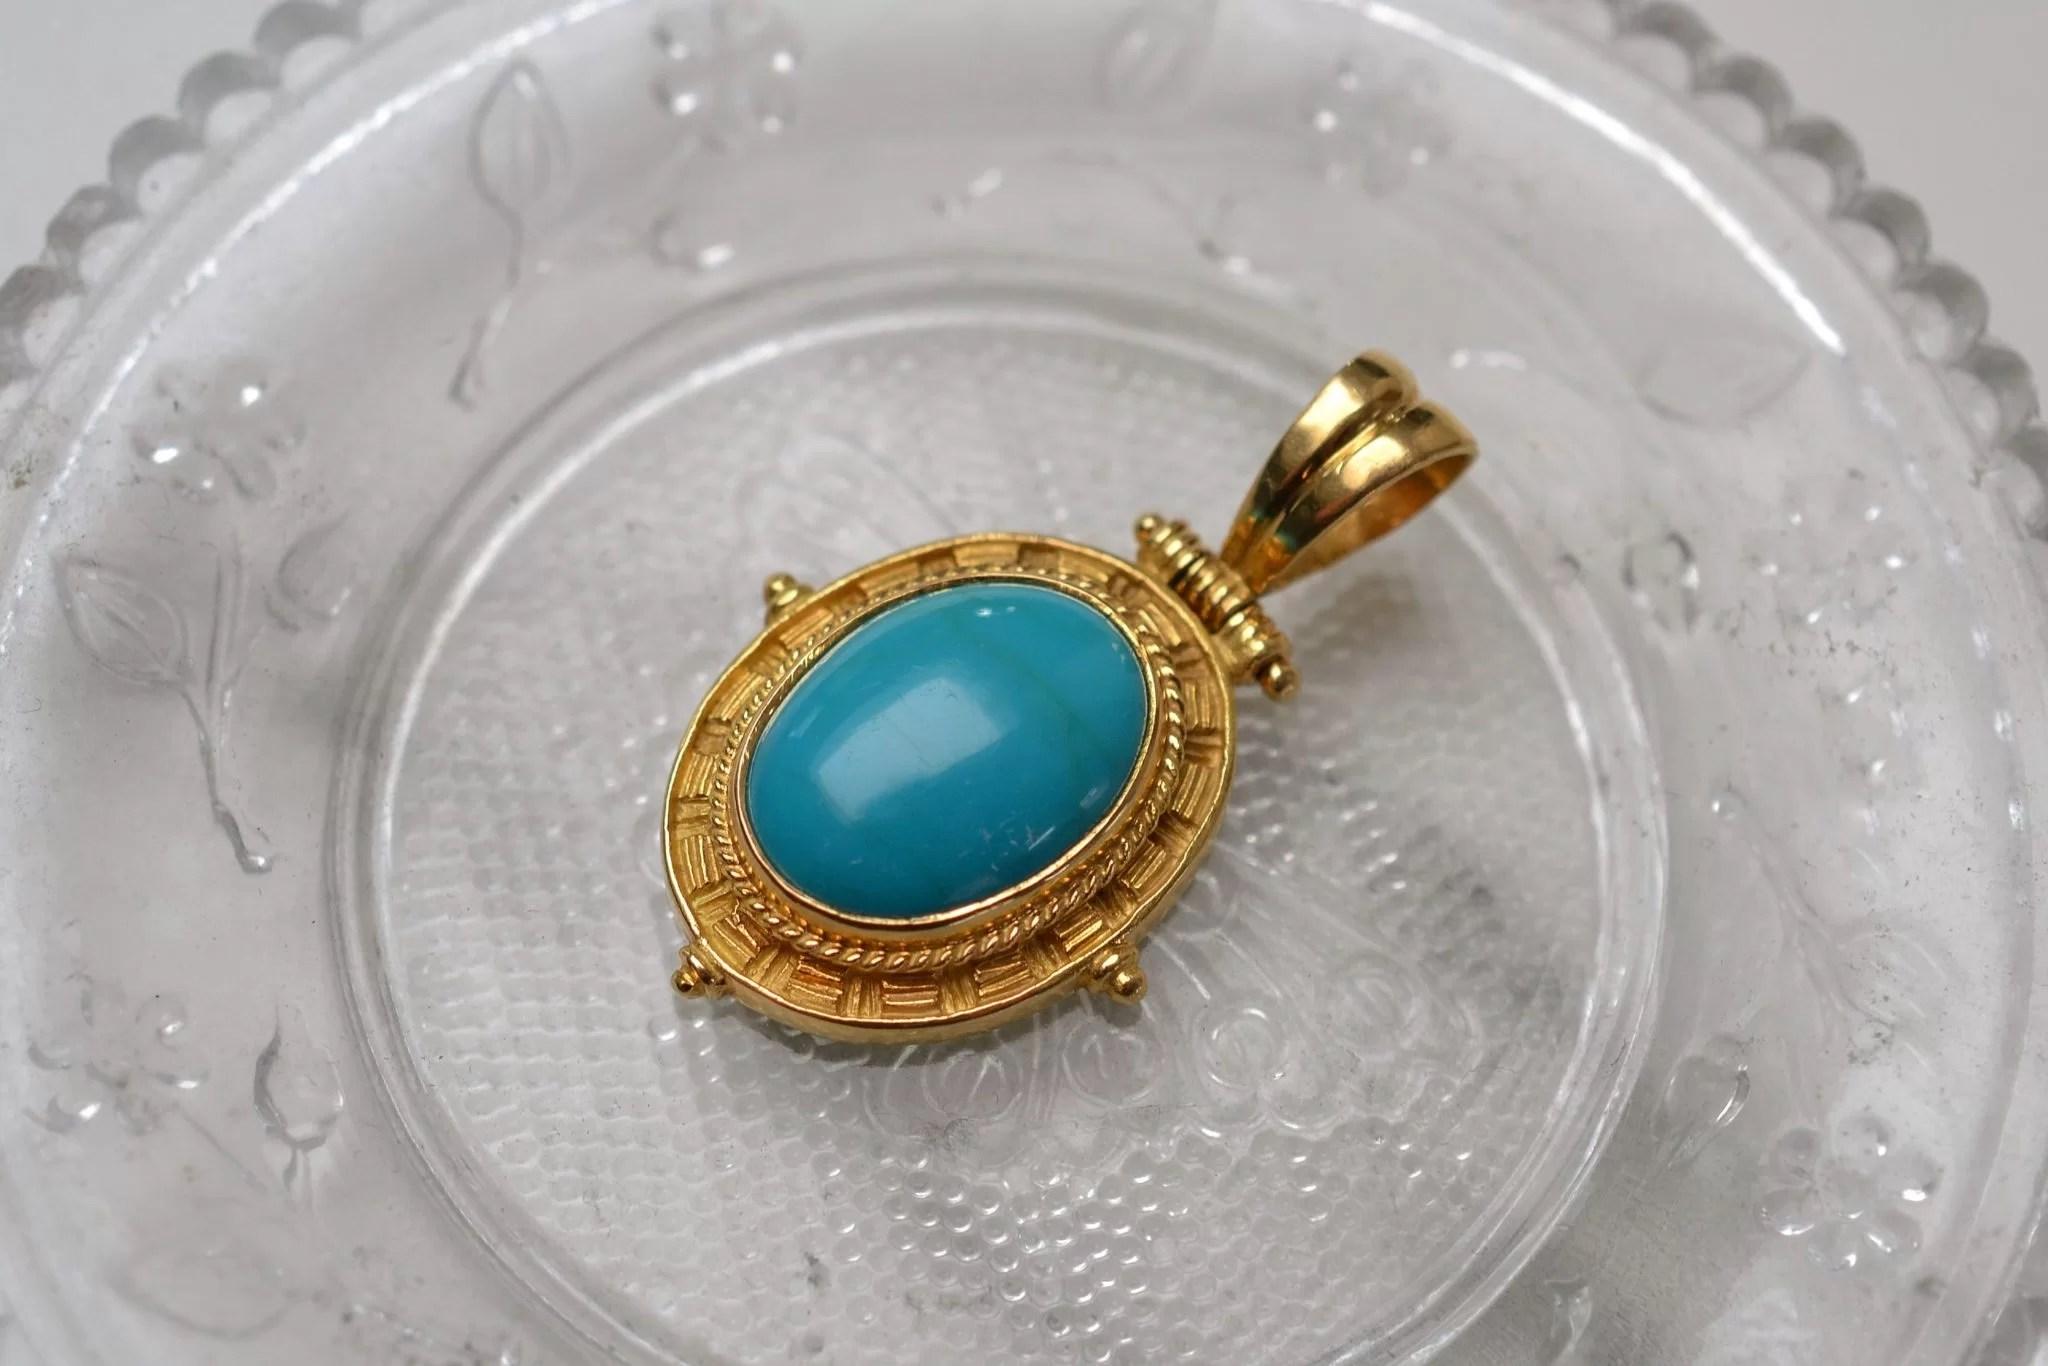 Pendentif en Or jaune sertie d_une turquoise - bijou ancien